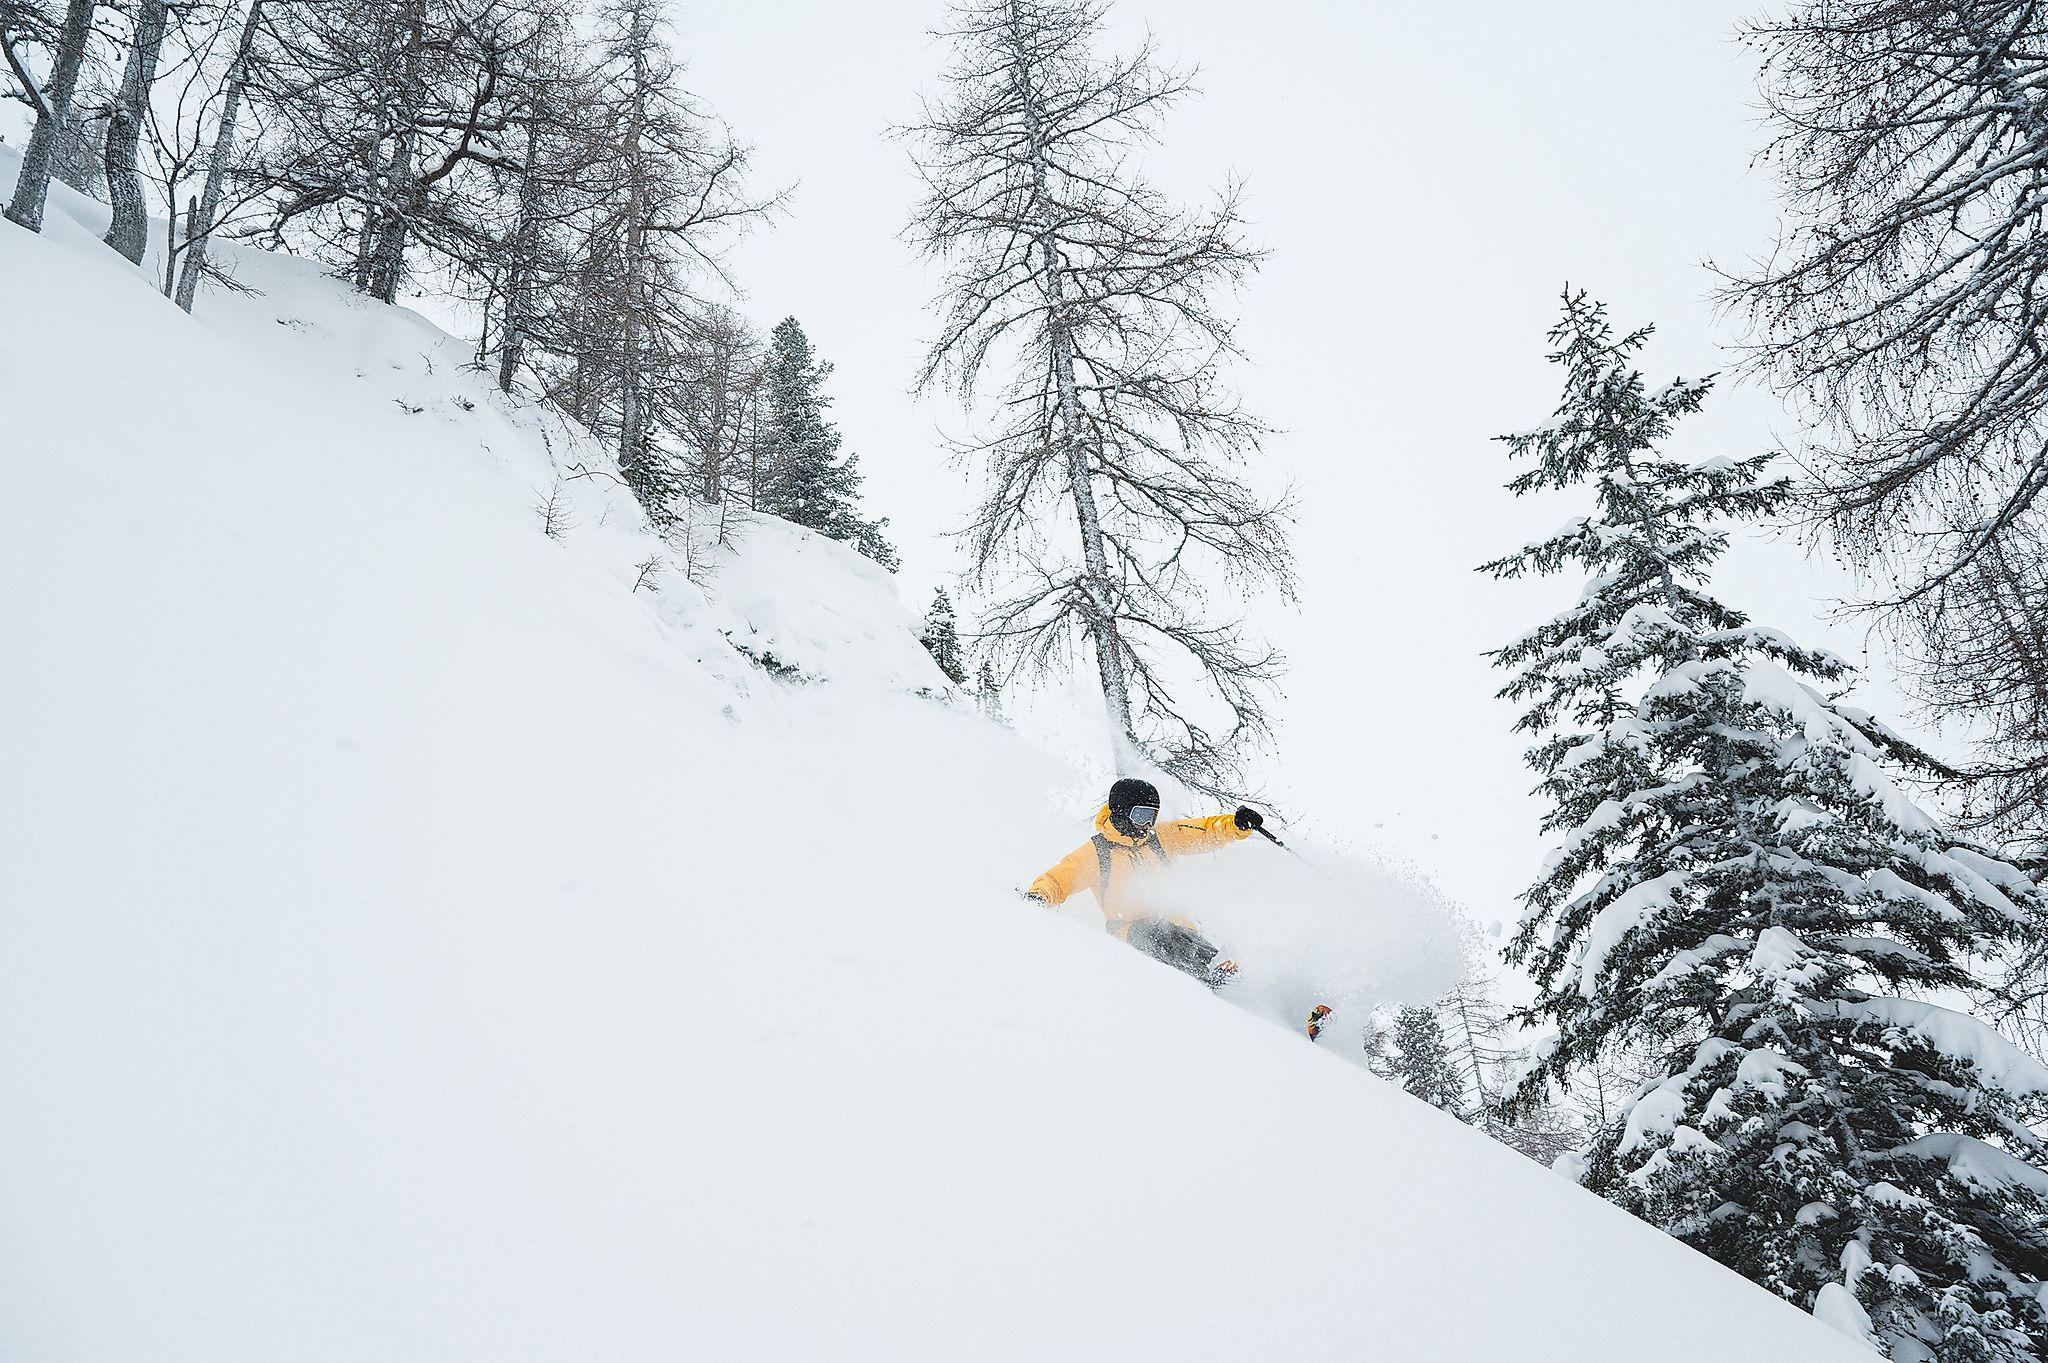 <p>Für alle Freerider bietet Zauchensee ein cooles Wintersportangebot.</p>